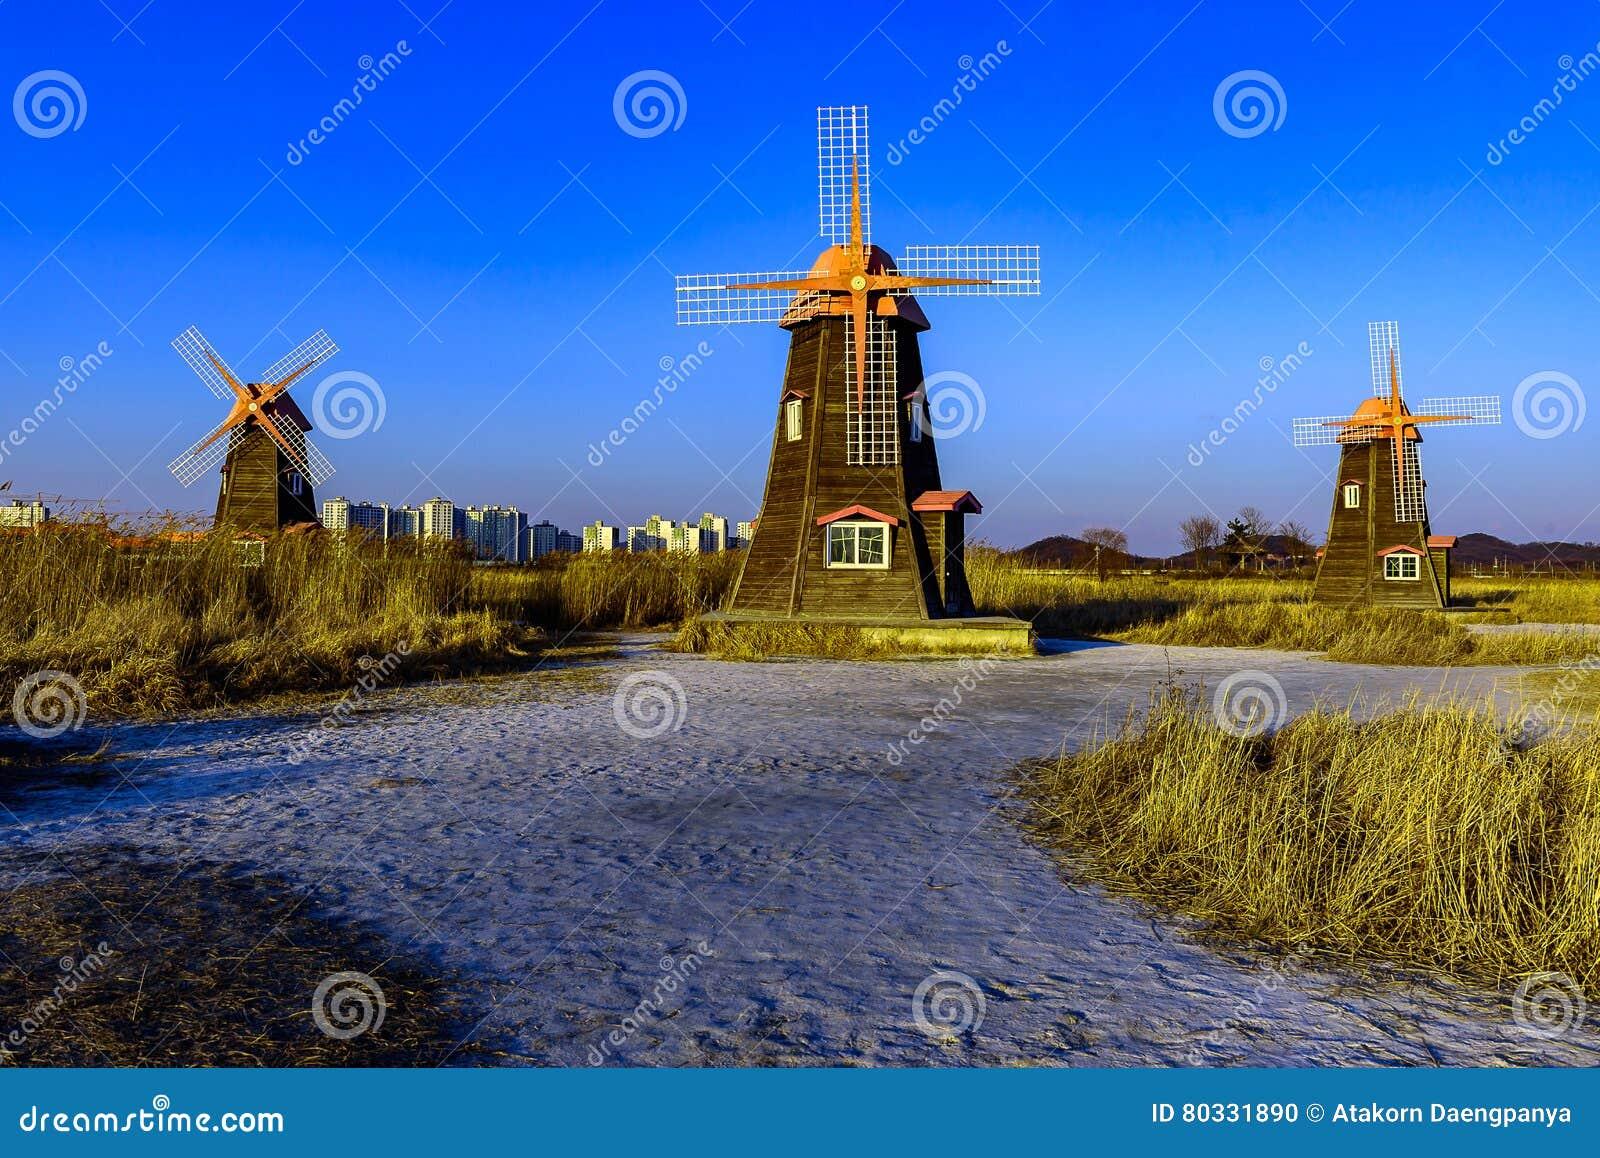 Vieux moulin à vent en bois néerlandais traditionnel dans Zaanse Schans - village de musée à Zaandam